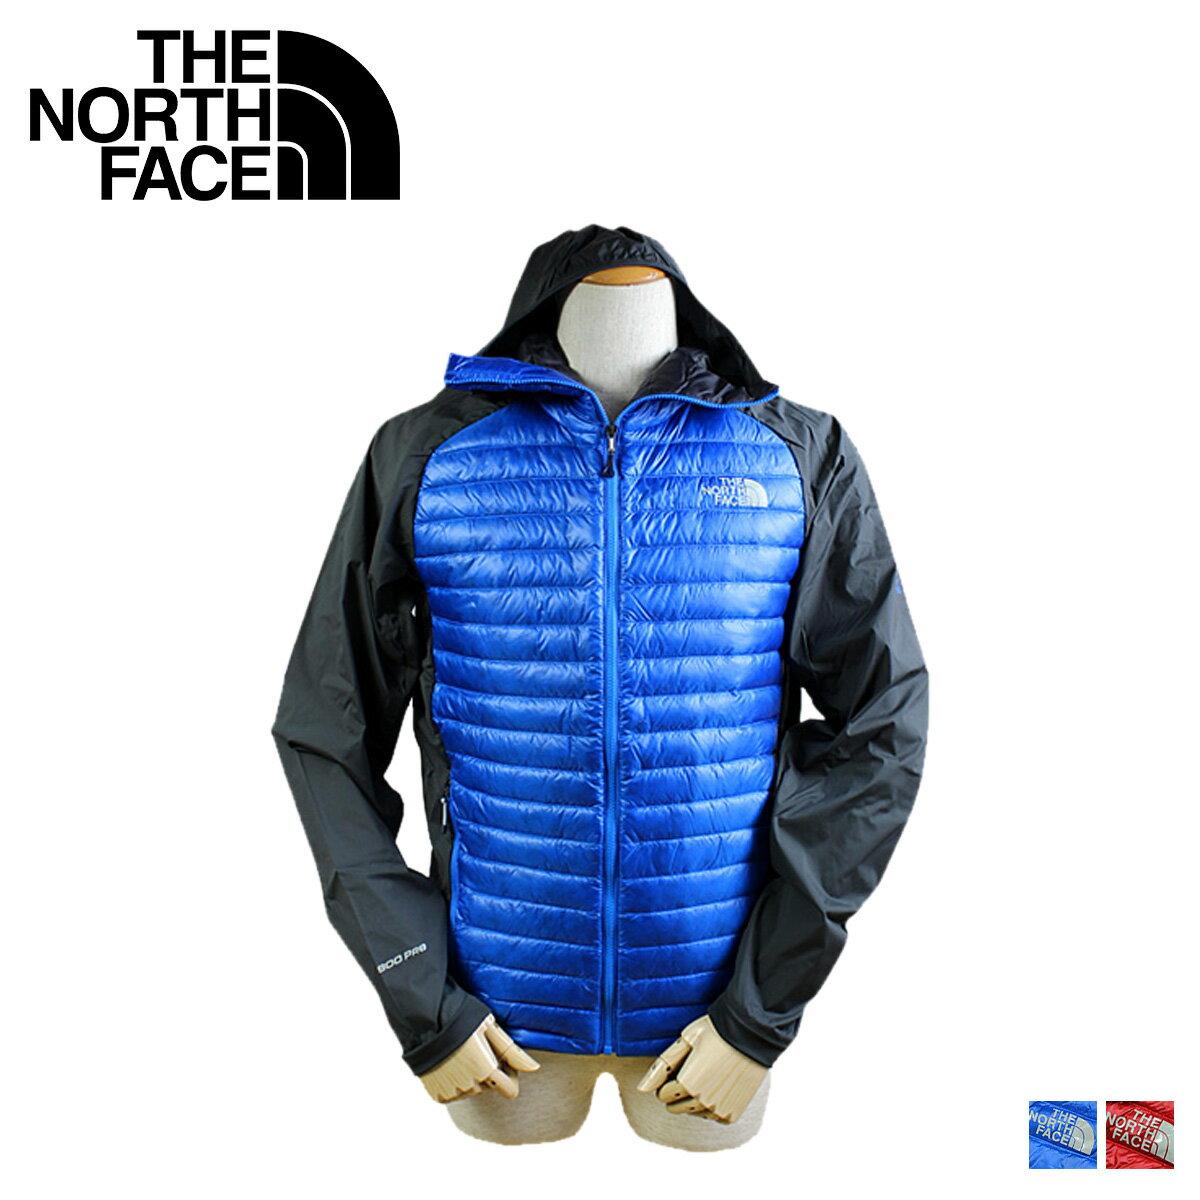 【エントリーでポイント最大21倍】 ノースフェイス THE NORTH FACE ダウンジャケット メンズ MEN'S VERTO MICRO HOODIE 【決算セール】